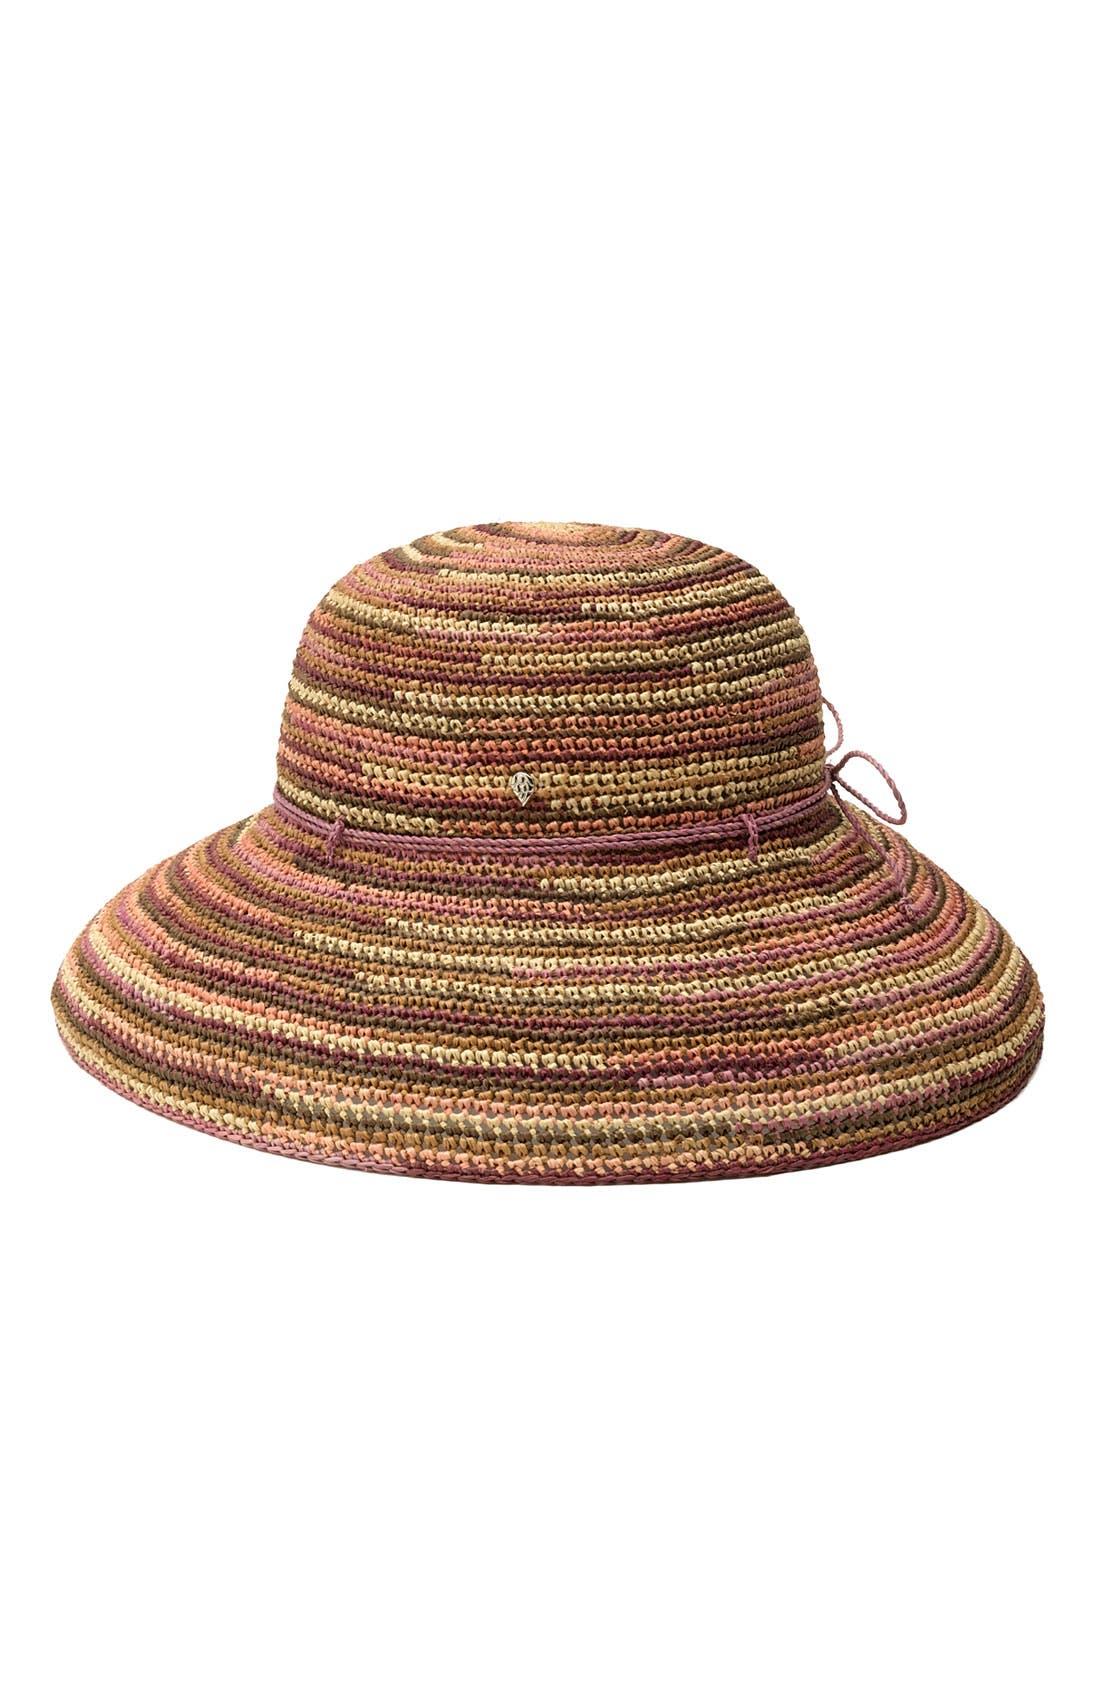 'Provence 12' Packable Raffia Hat,                             Main thumbnail 13, color,